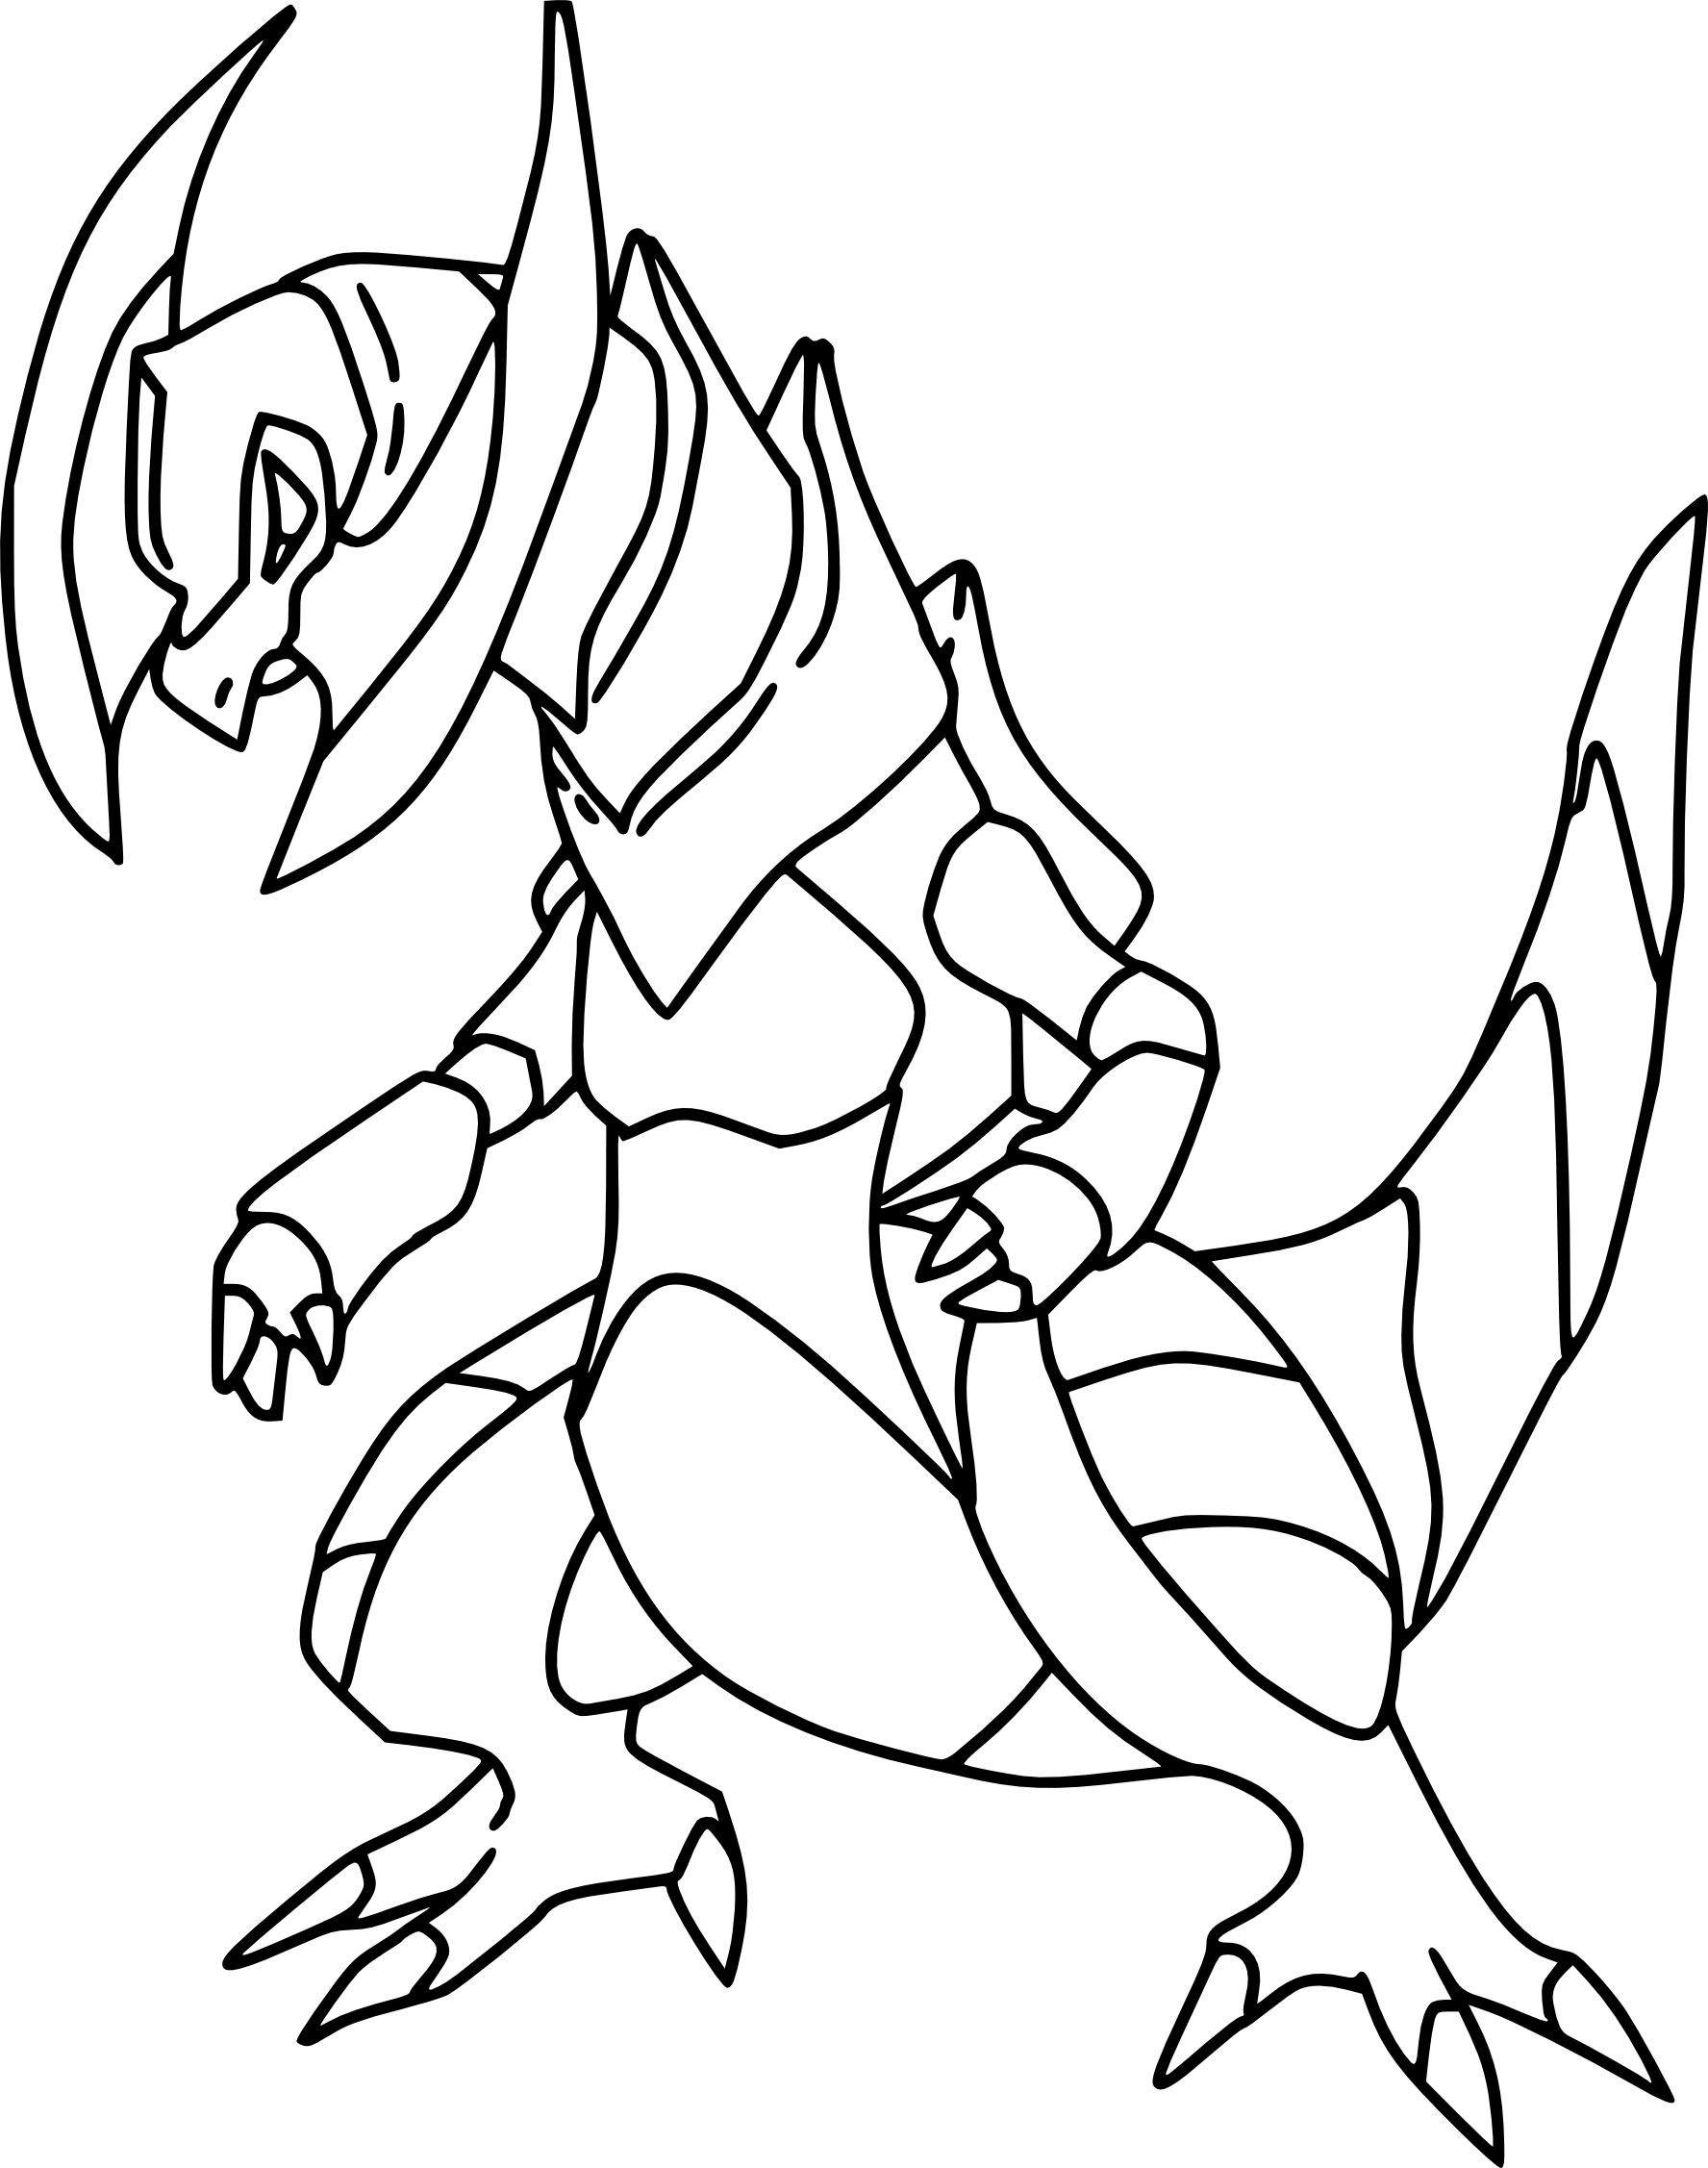 Tranchodon : Coloriage Pokemon Tranchodon À Imprimer tout Coloriage De Pokémon Gratuit